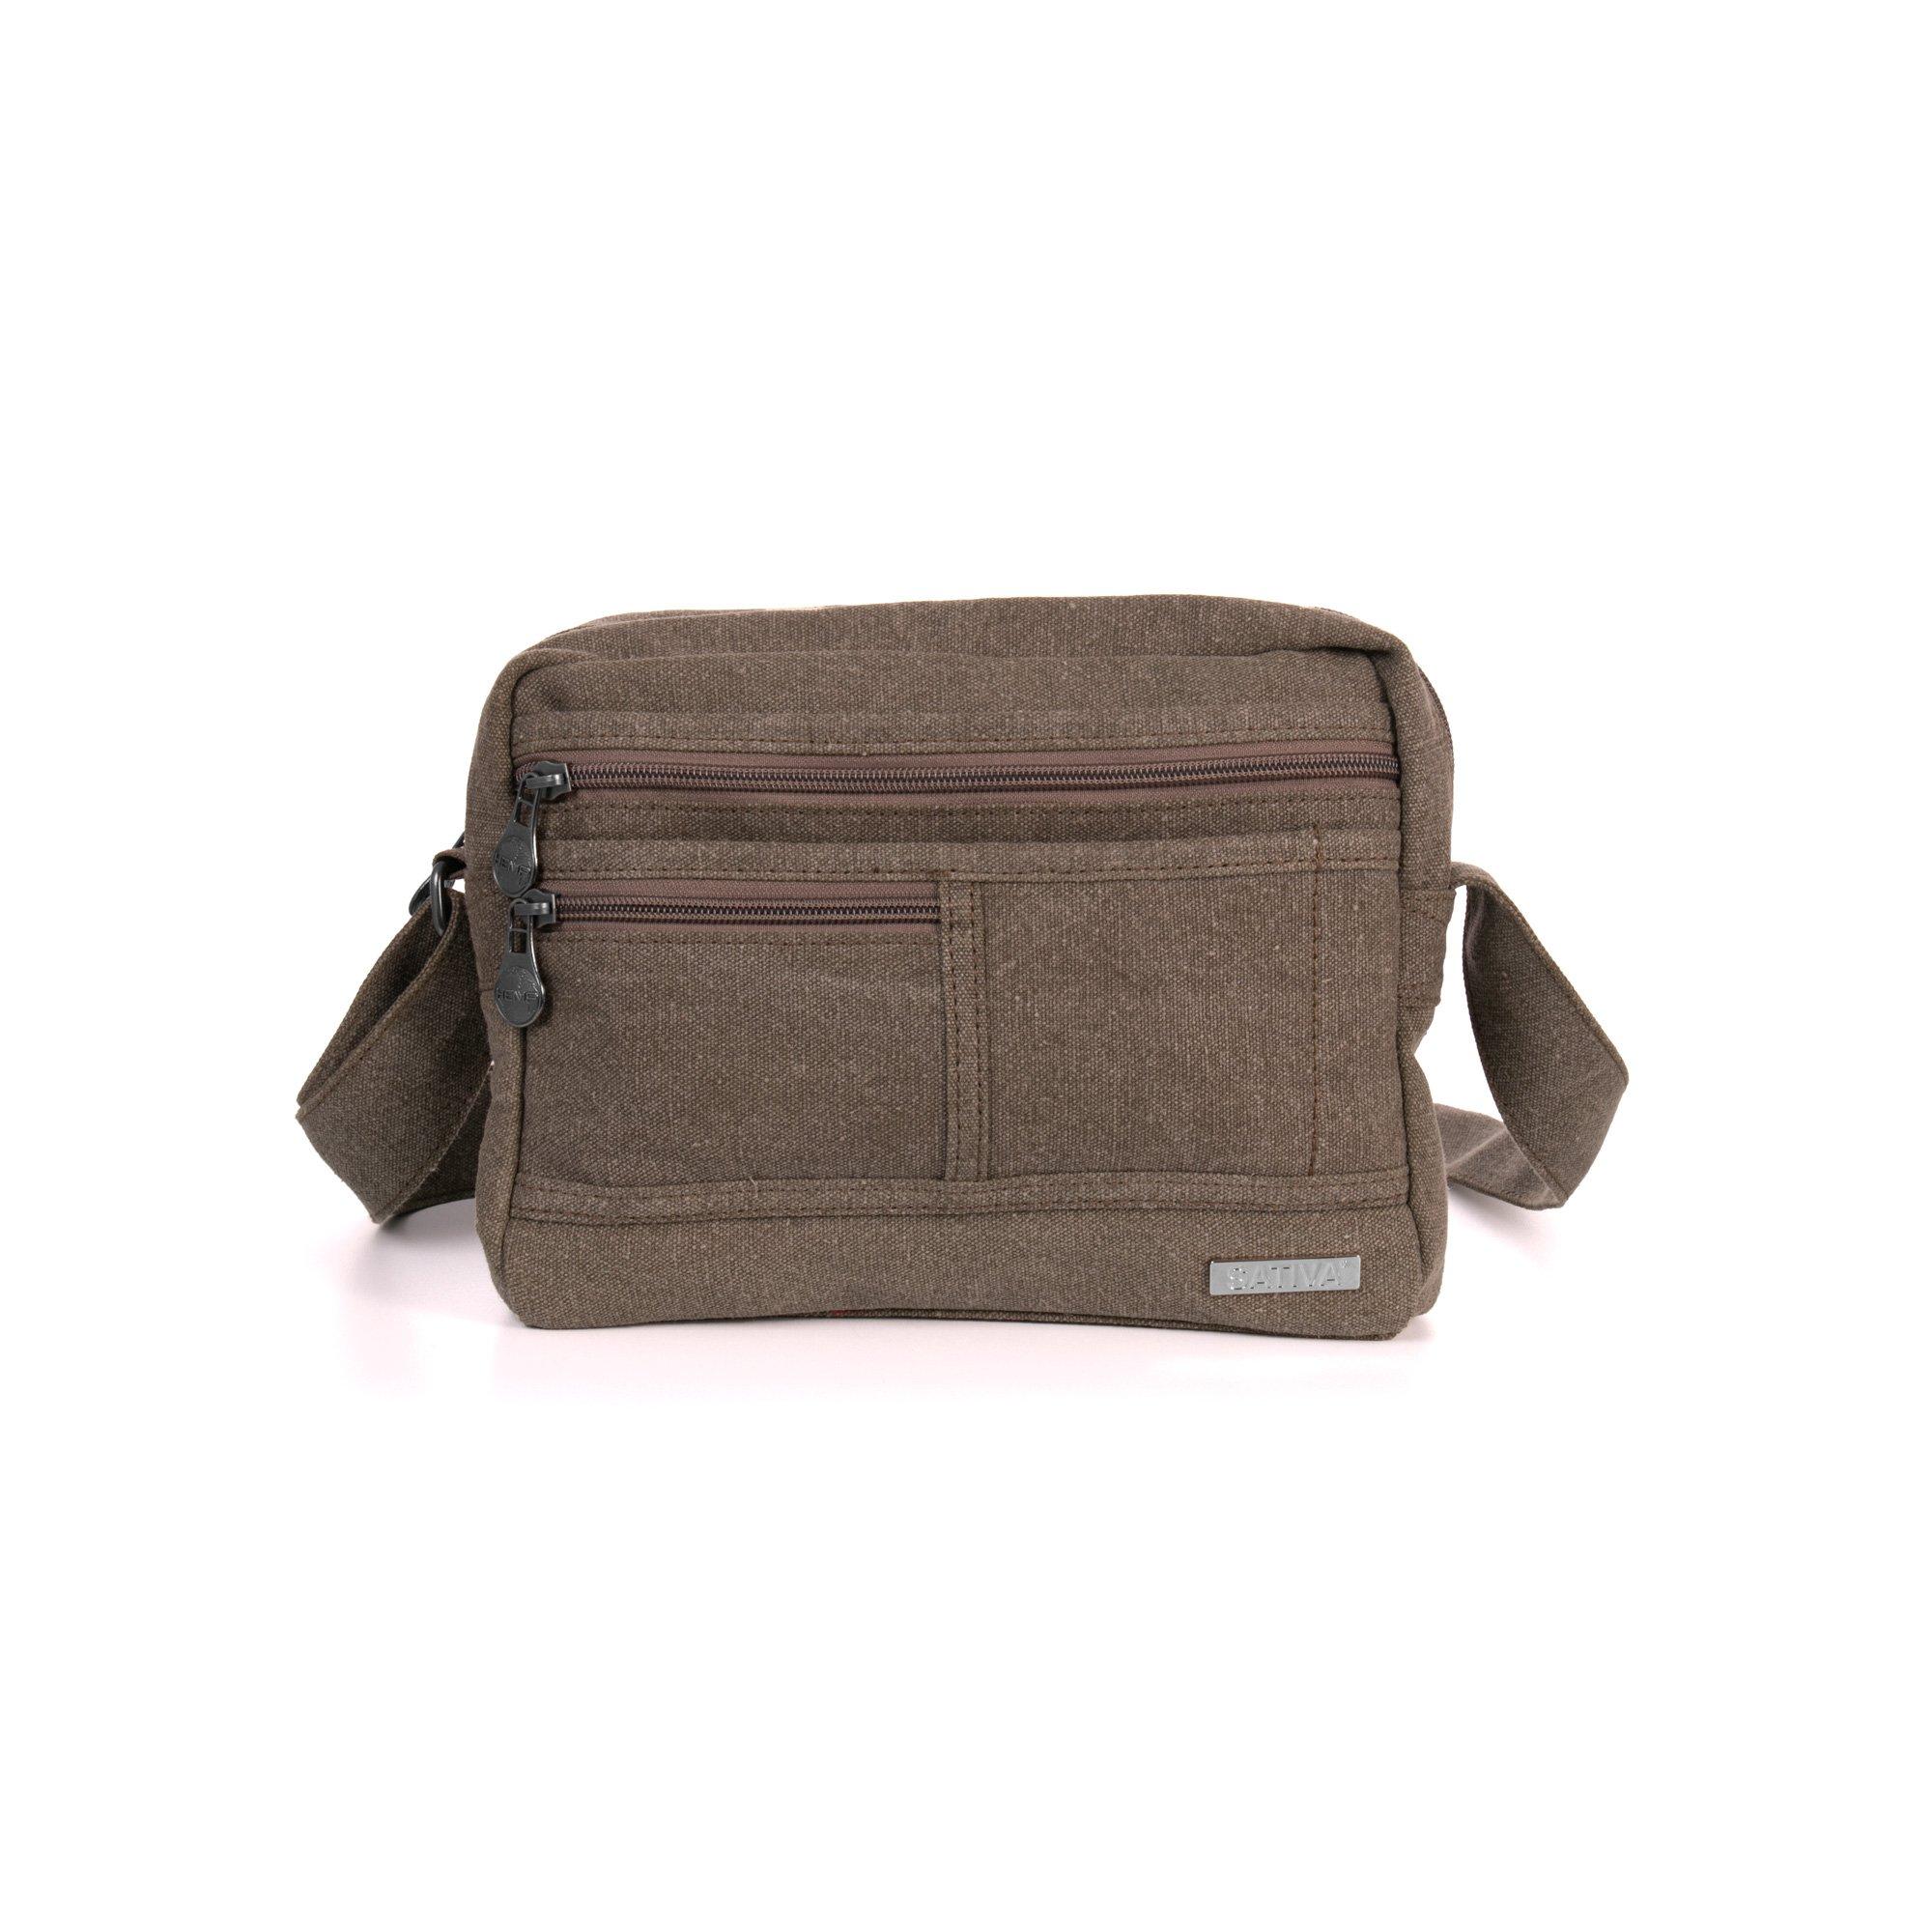 Sativa - Portage Hemp Bag